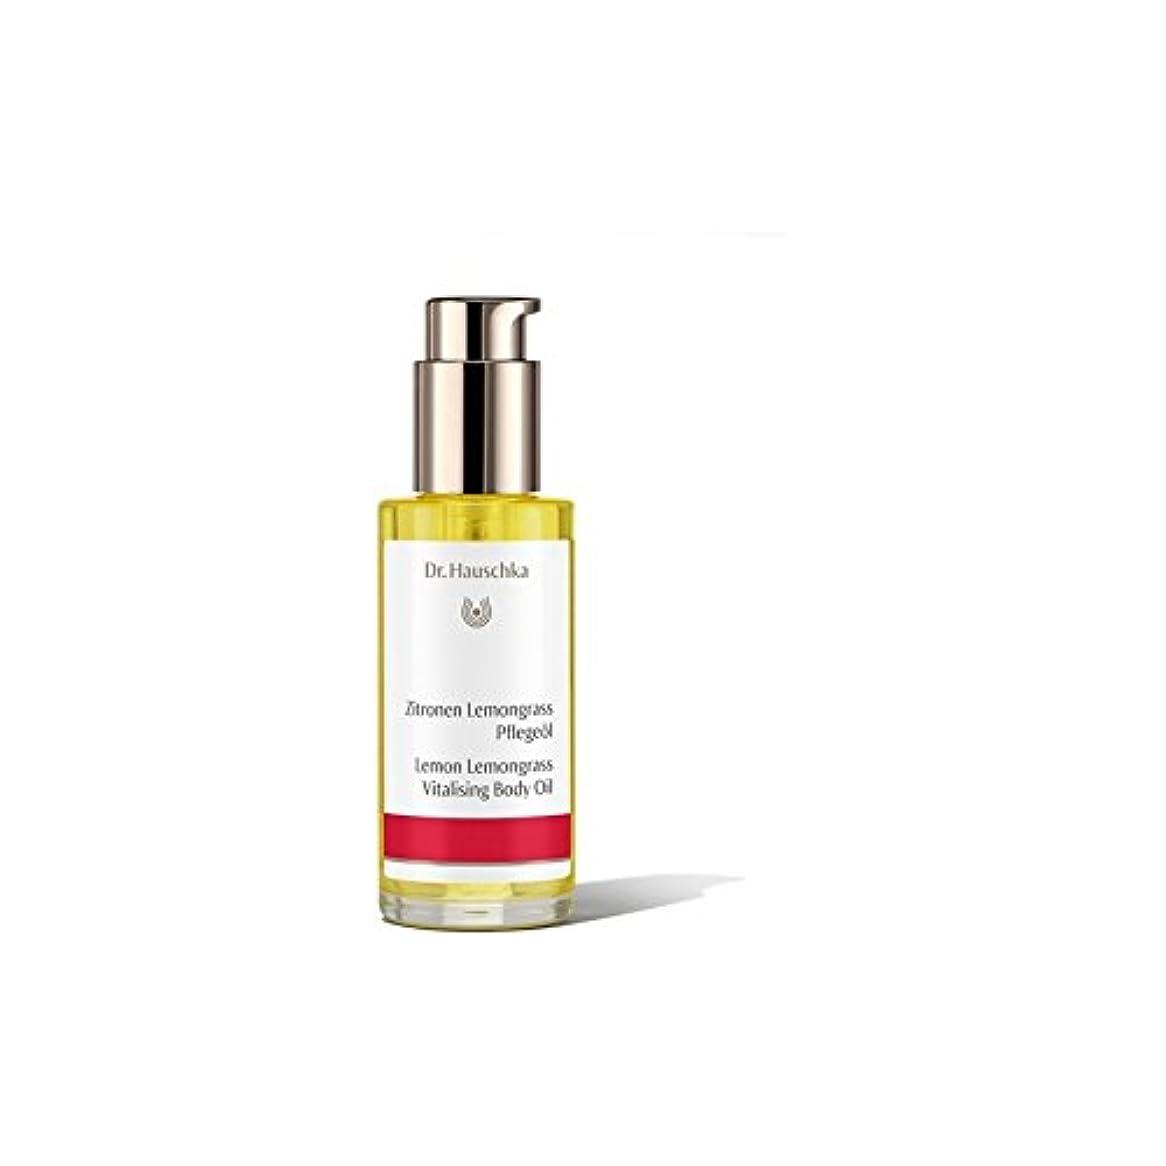 藤色バイソン拾うハウシュカレモンレモングラスボディオイル(75ミリリットル) x2 - Dr. Hauschka Lemon Lemongrass Vitalising Body Oil (75ml) (Pack of 2) [並行輸入品]